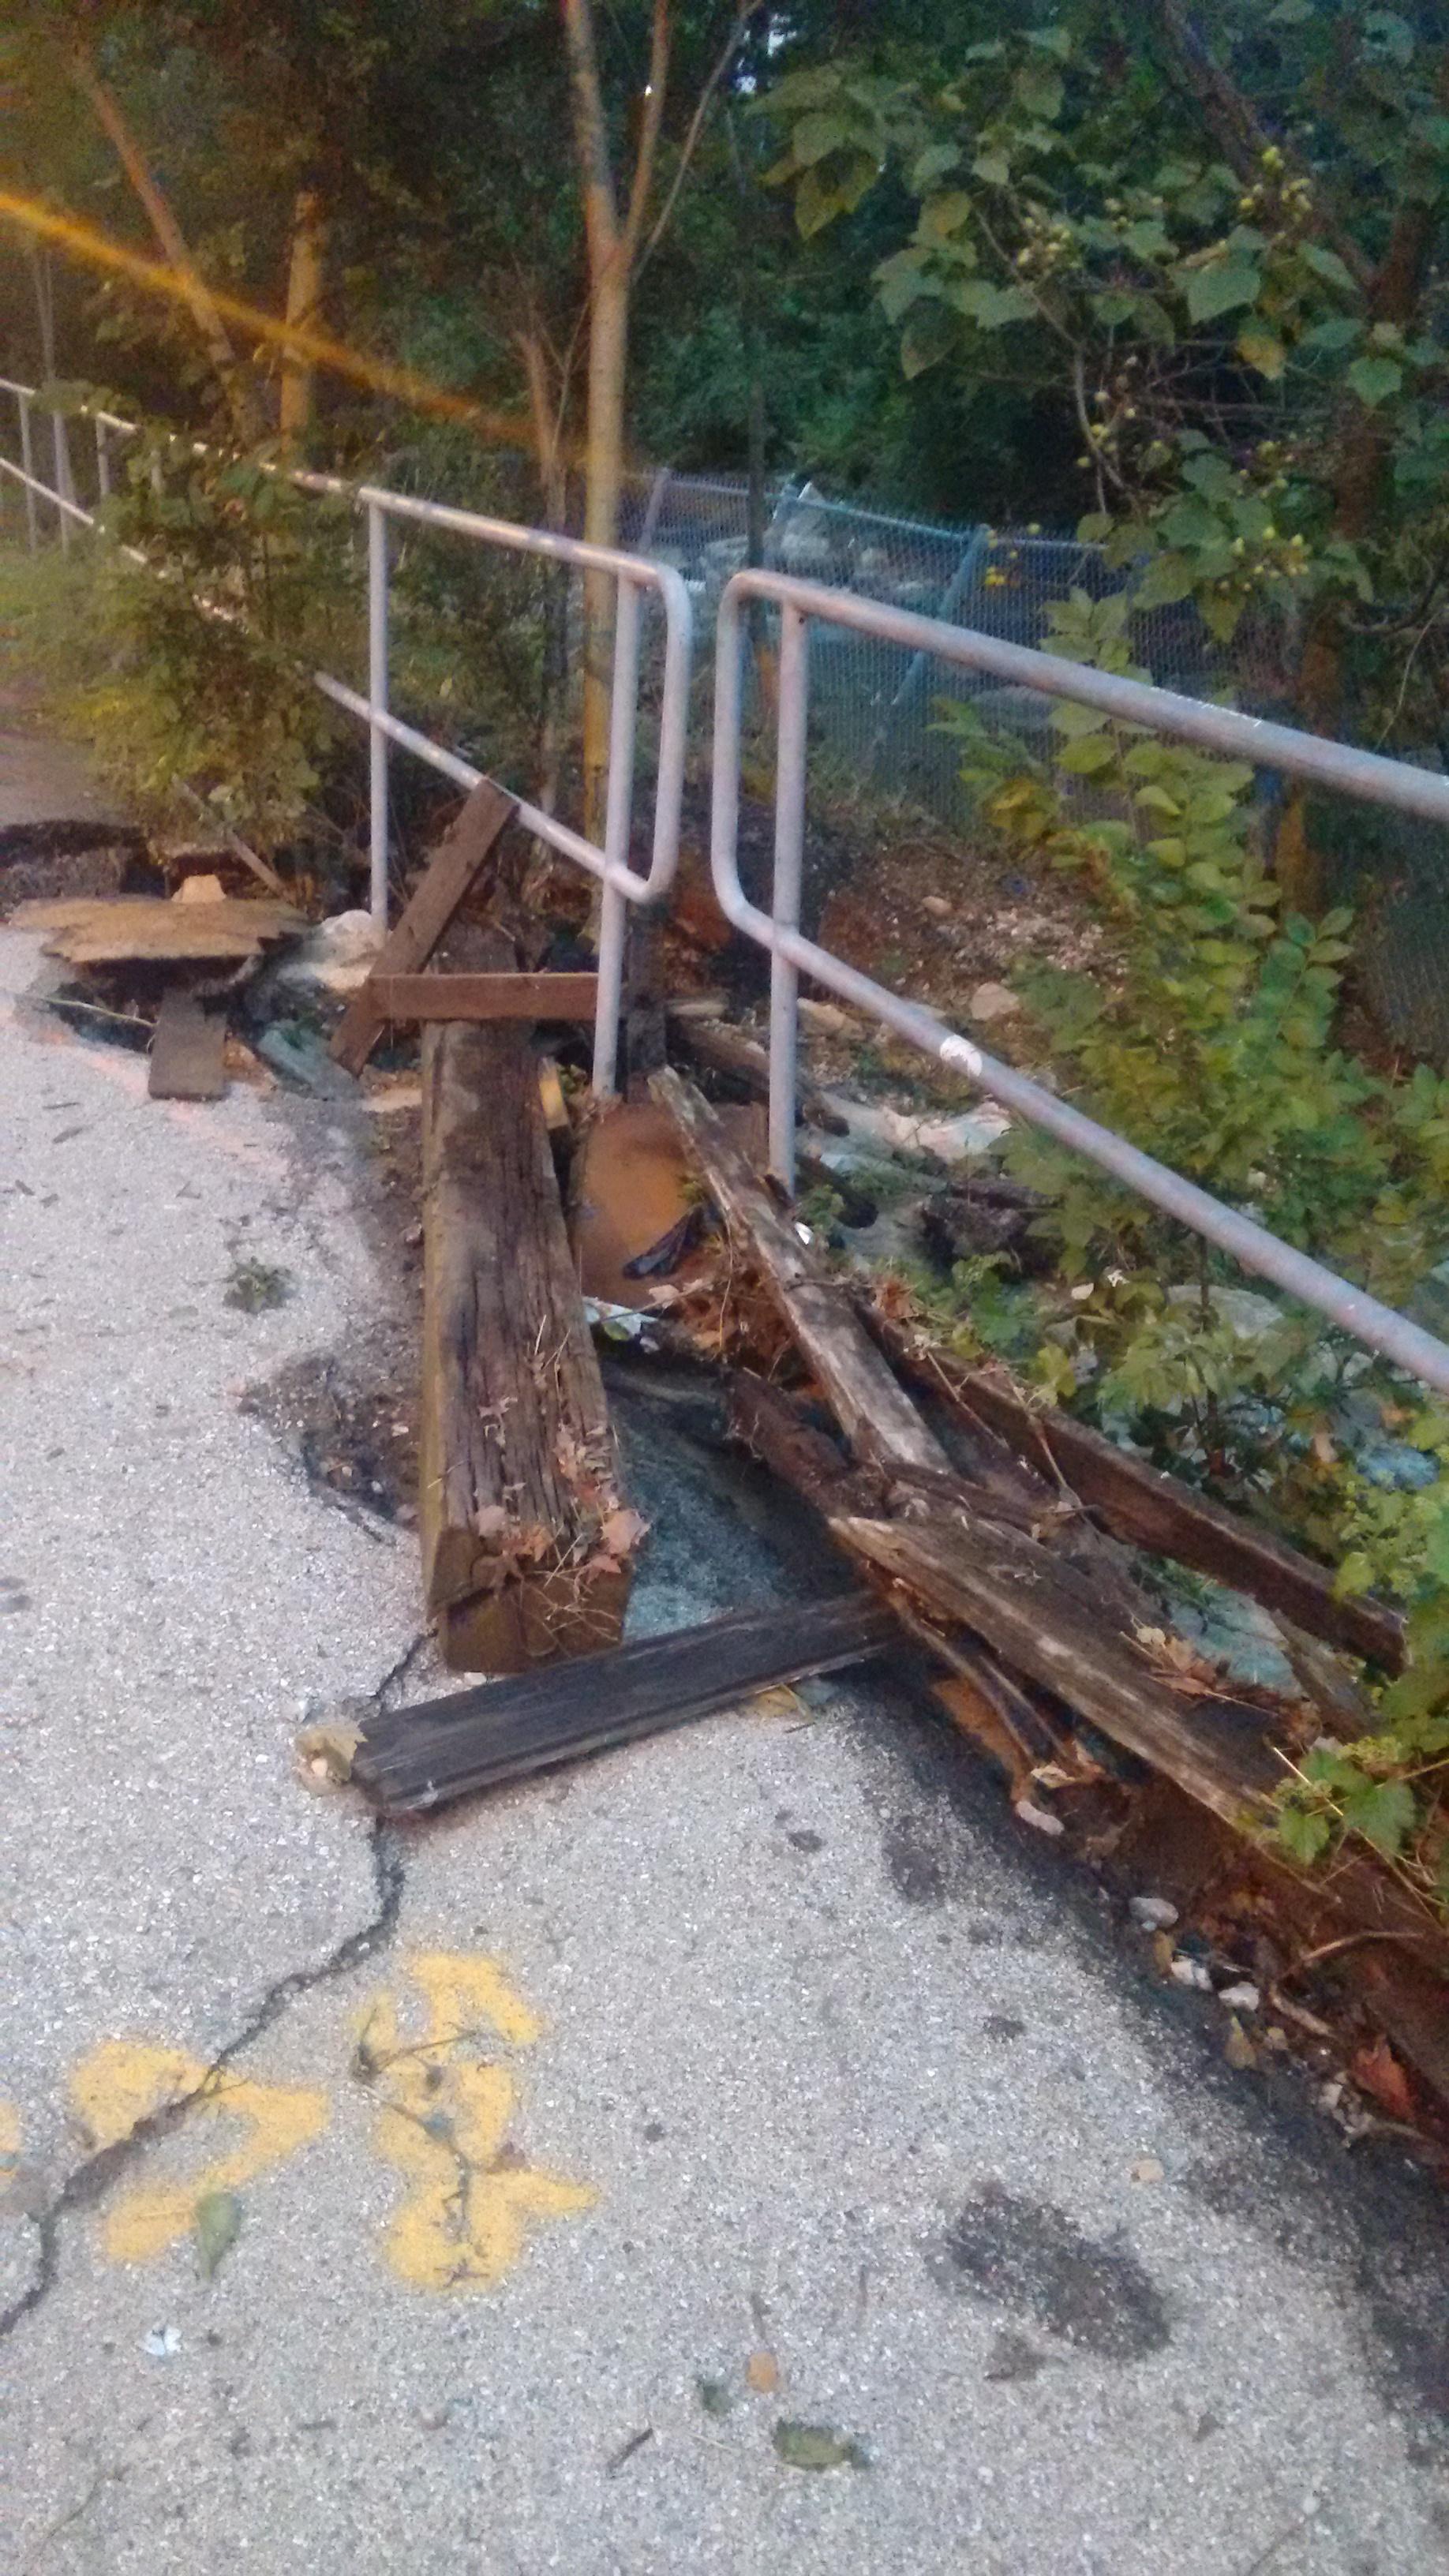 Debris in Maryland Photo by Jennifer Kunze